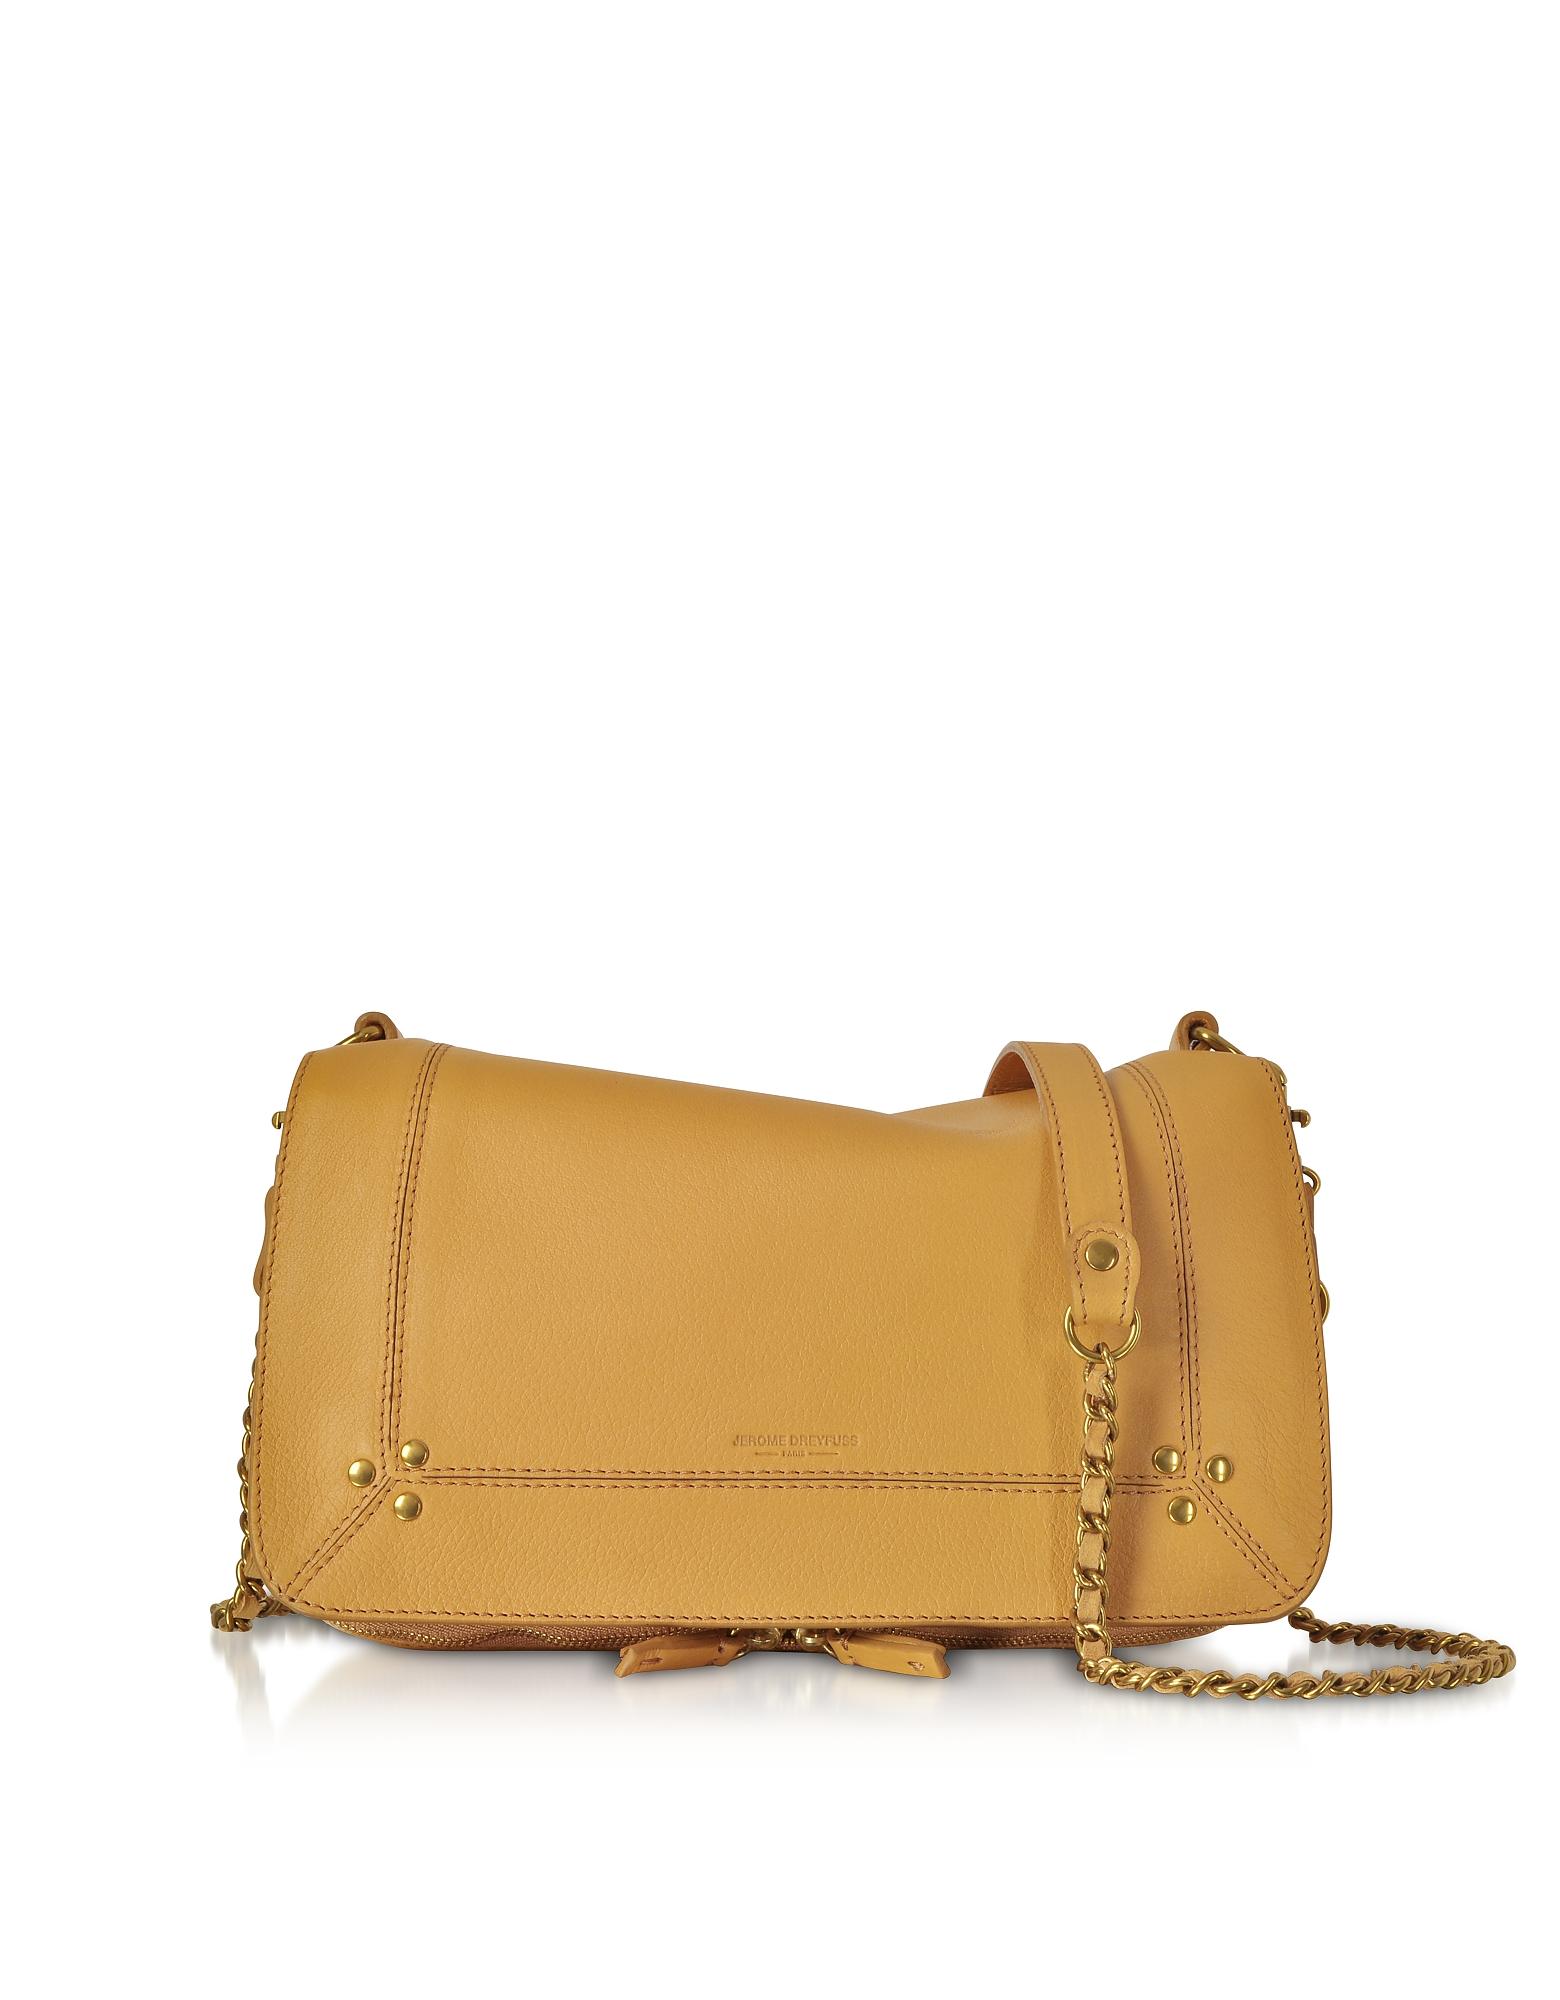 Bobi Camel Leather Shoulder Bag